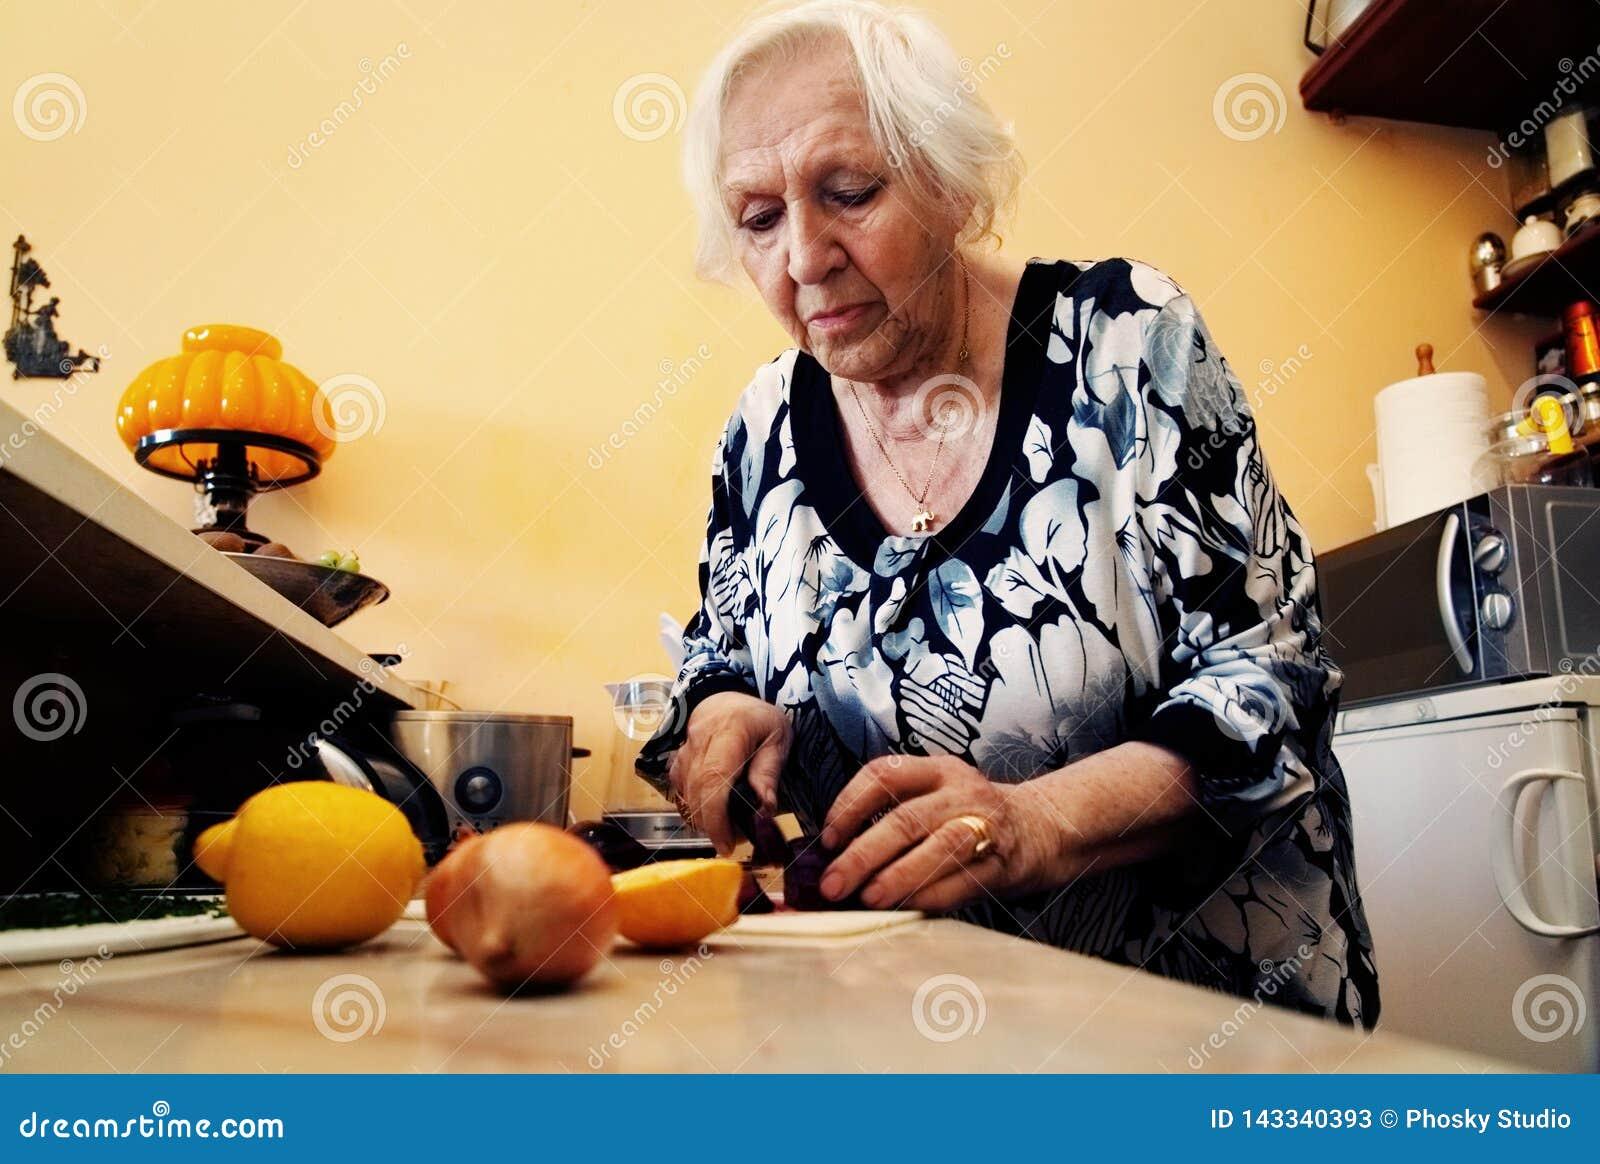 En gammal kvinna lagar mat